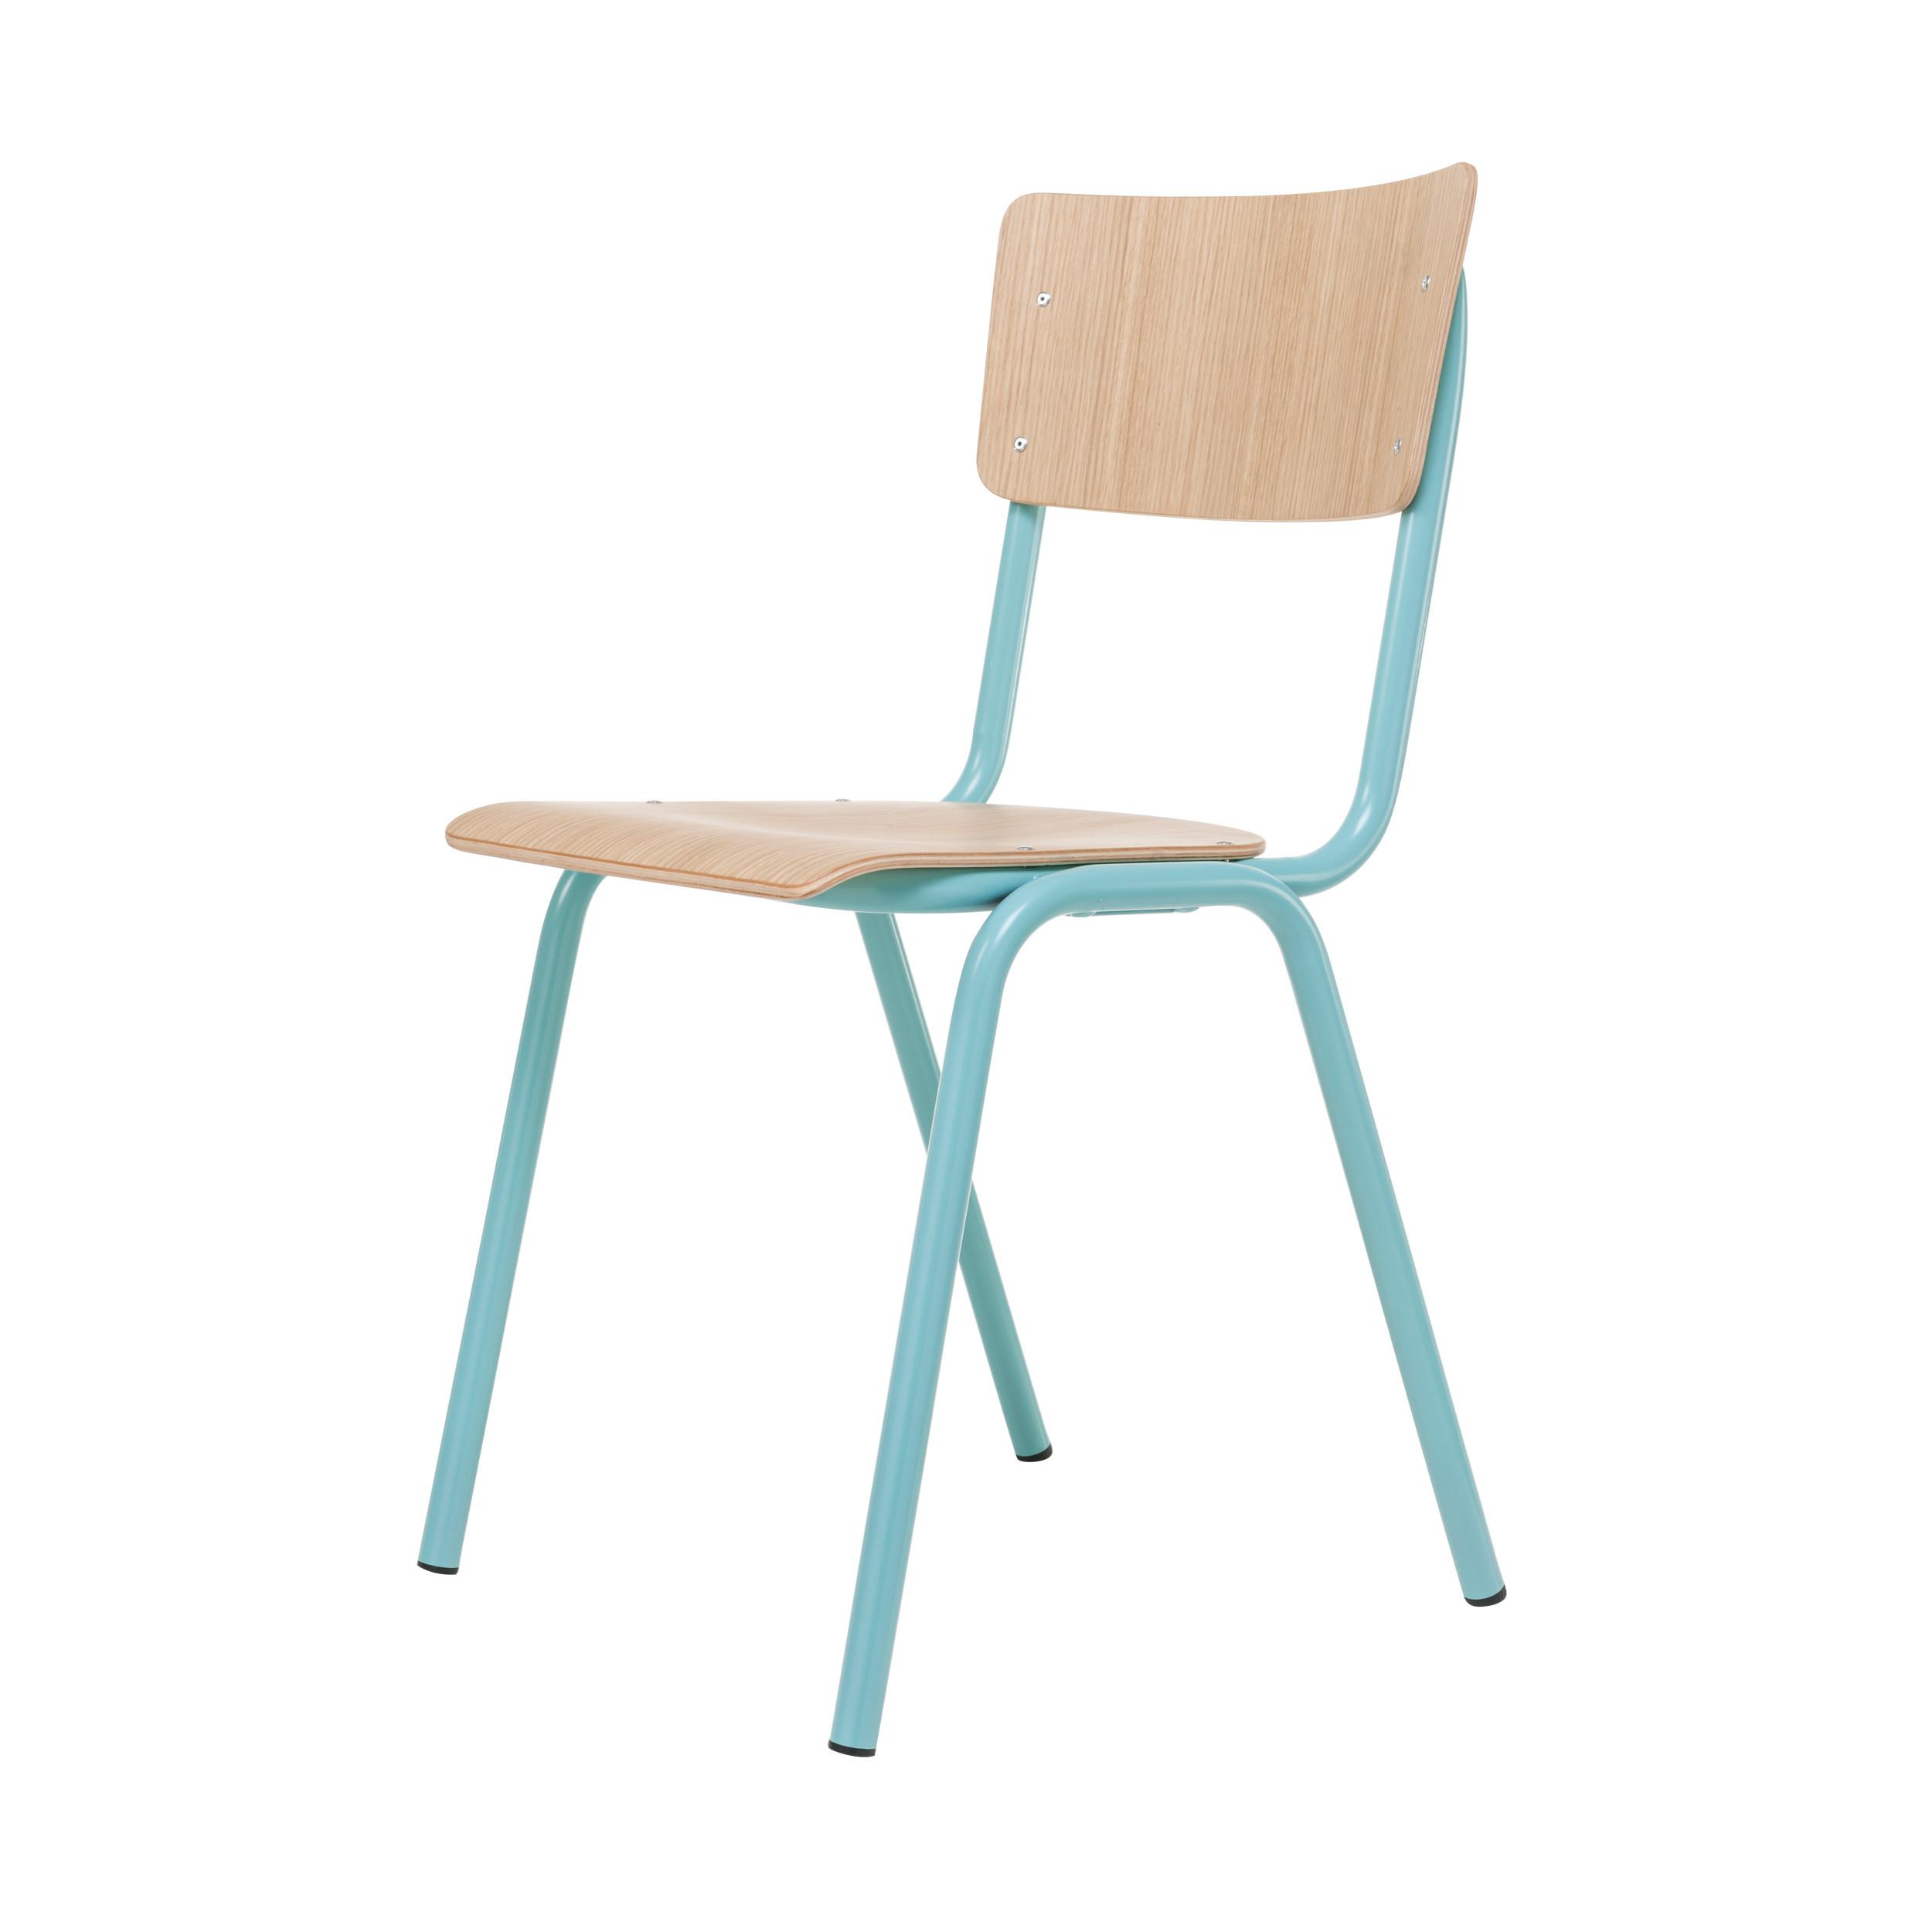 zero stuhl t rlkis online kaufen bei woonio. Black Bedroom Furniture Sets. Home Design Ideas